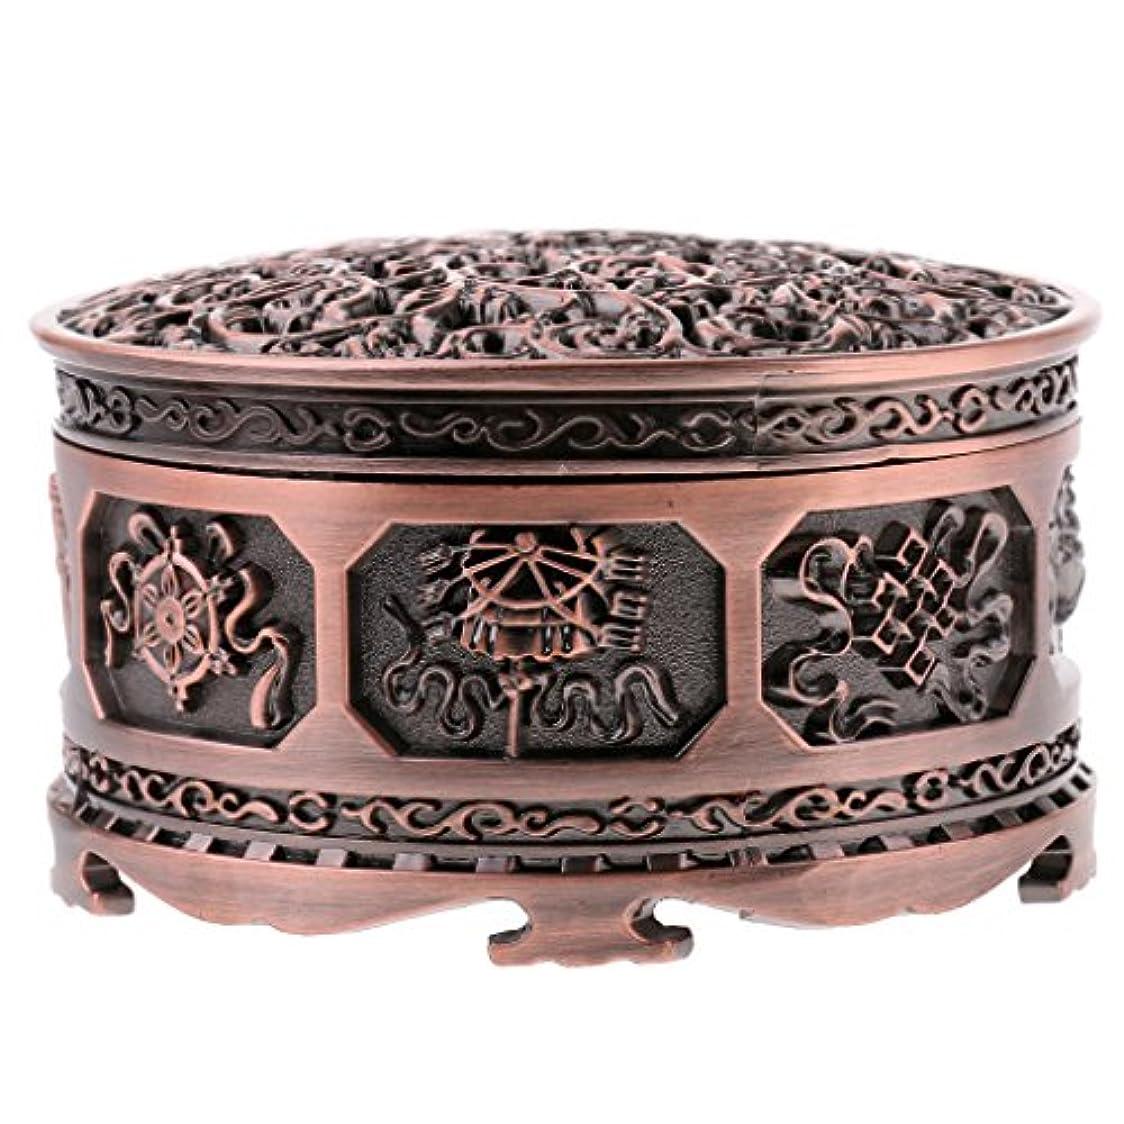 ペパーミント取り扱いメタリックFenteer チベット 合金 香りバーナー 煙 コーン 香炉 金属 アロマストーブ ホーム 装飾 全3色 - 浓いかっしょく